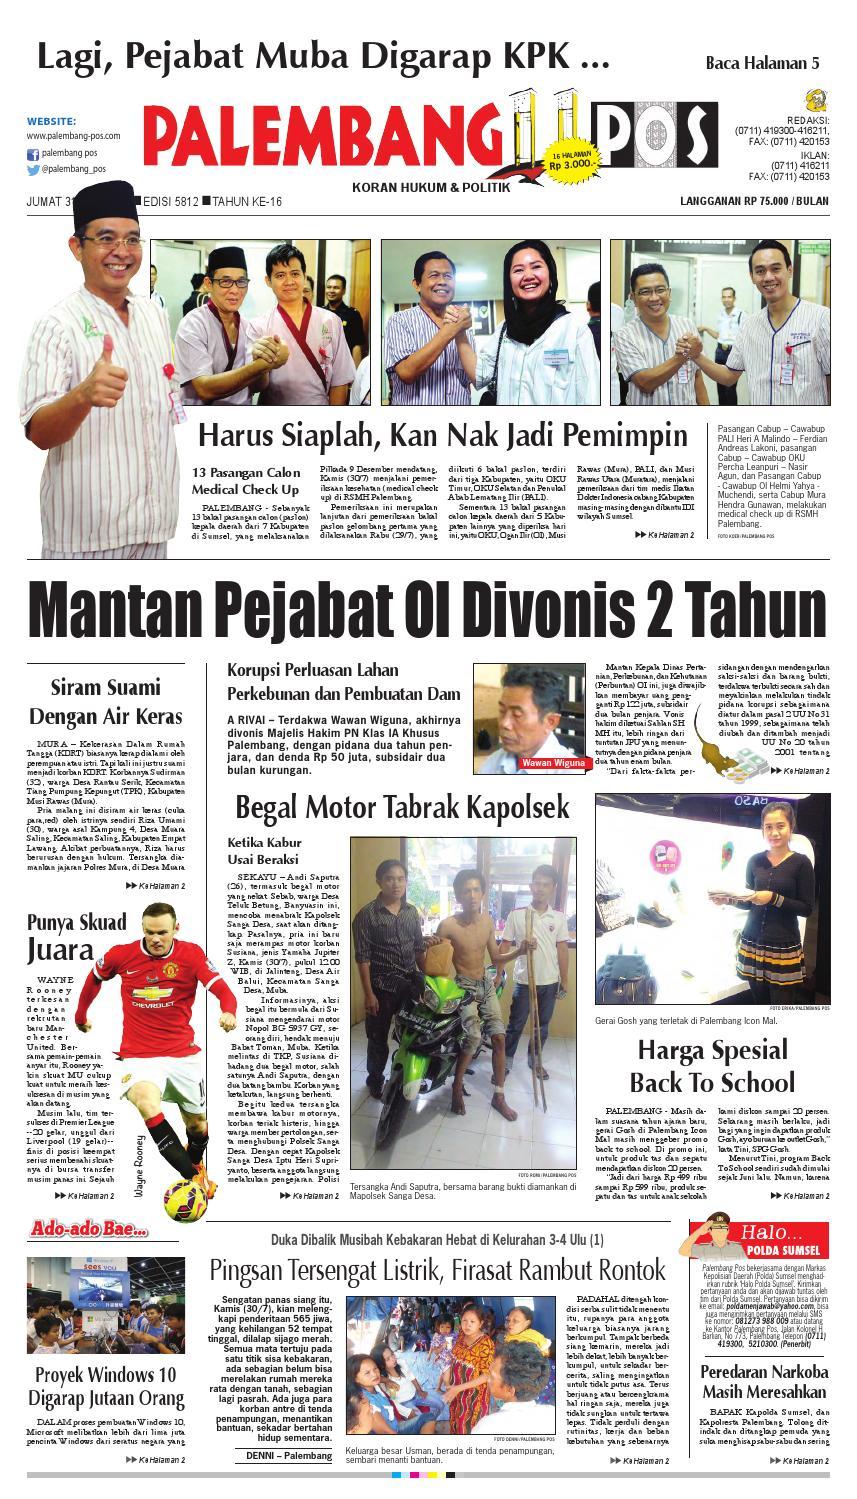 Palembang Pos Edisi Jumat 31 Juli 2015 By Issuu Jaket Motor Tahan Angin Romero